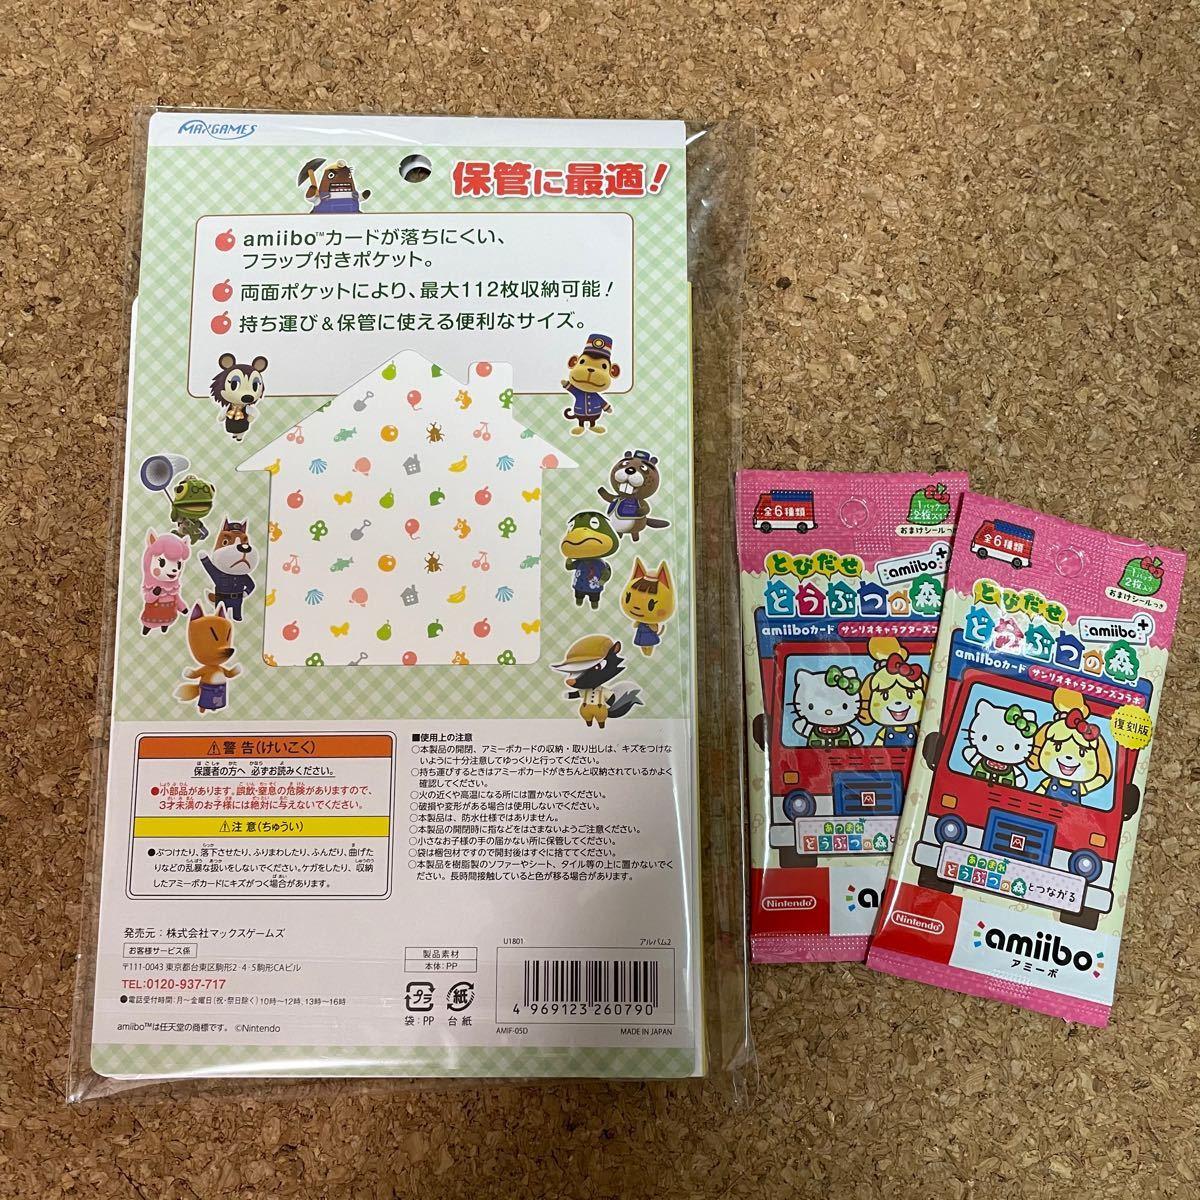 とびだせ どうぶつの森 amiibo+ サンリオ 復刻版 アルバム 付き パック2枚&アルバム